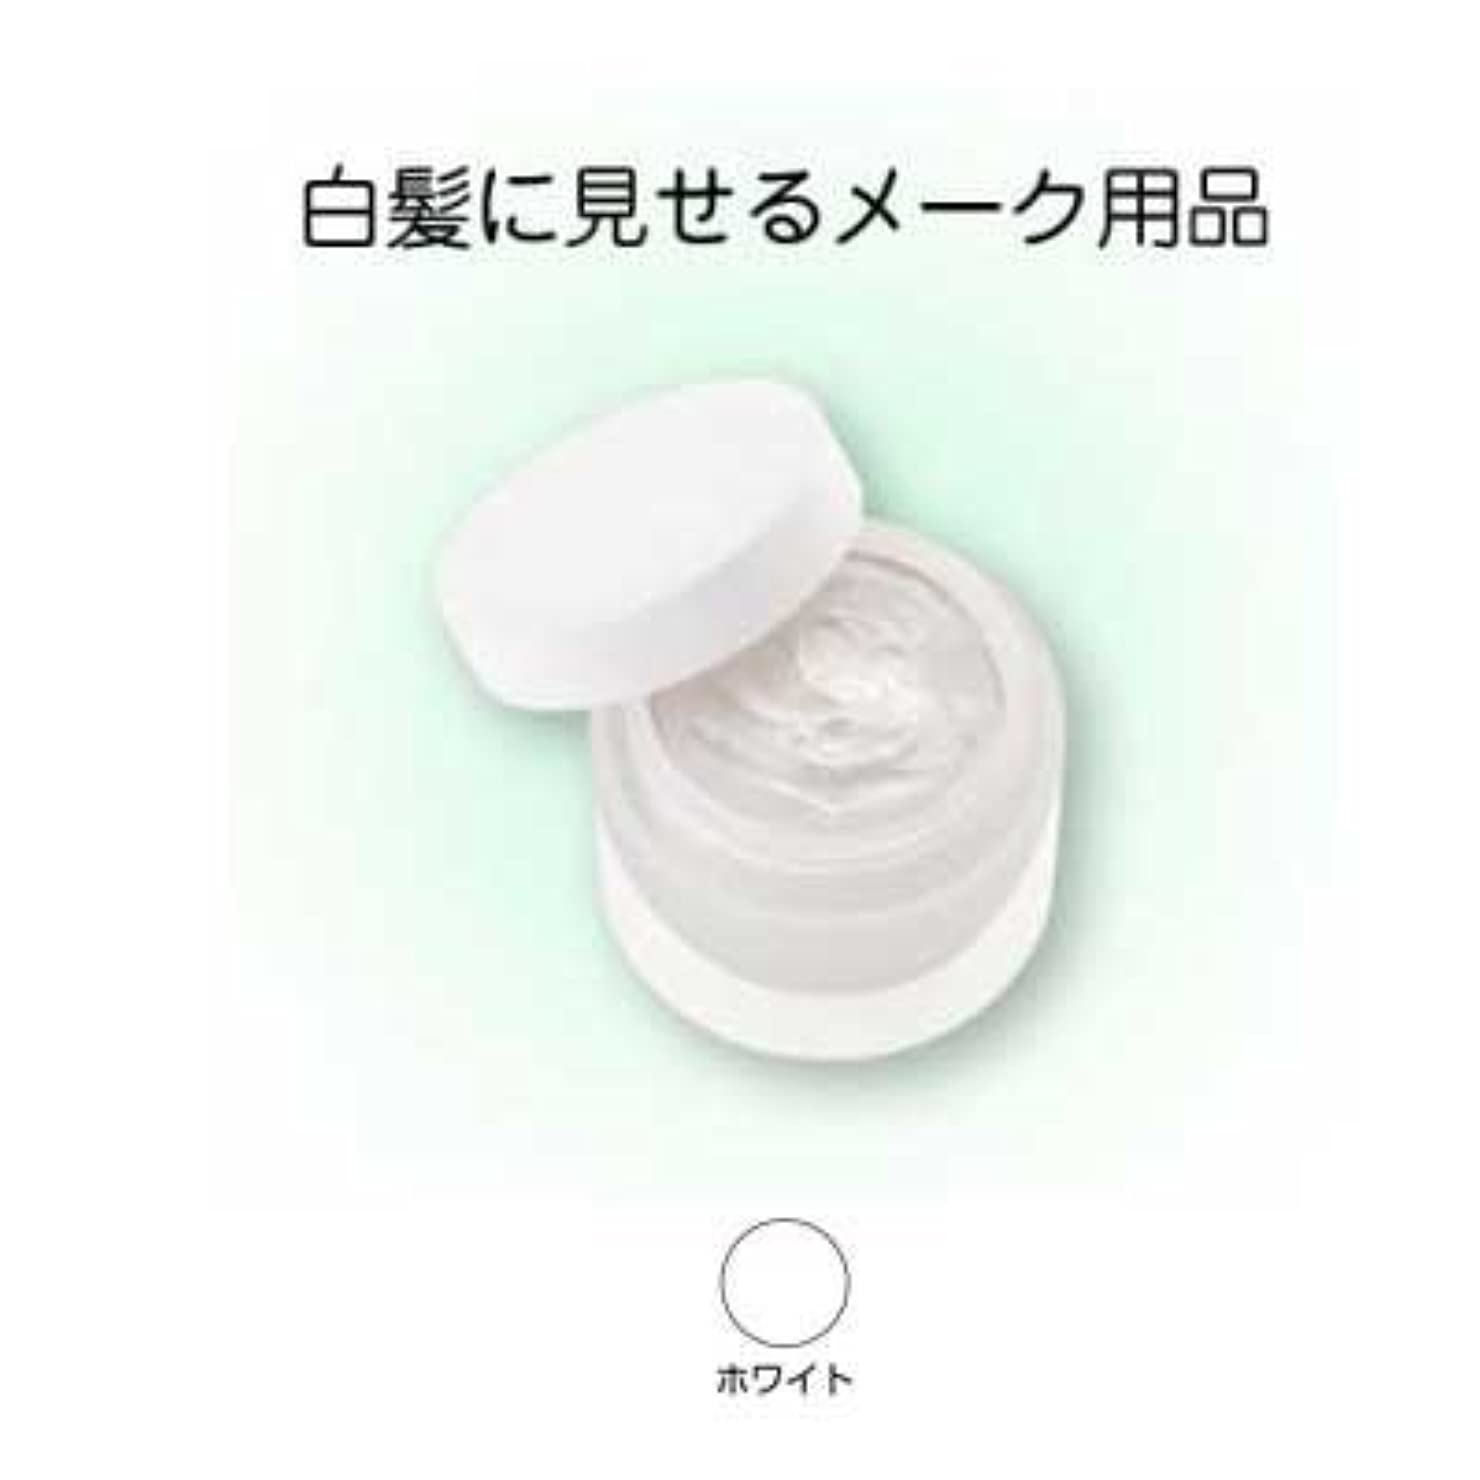 論理ハリケーン睡眠ヘアシルバー 33g ホワイト【三善】